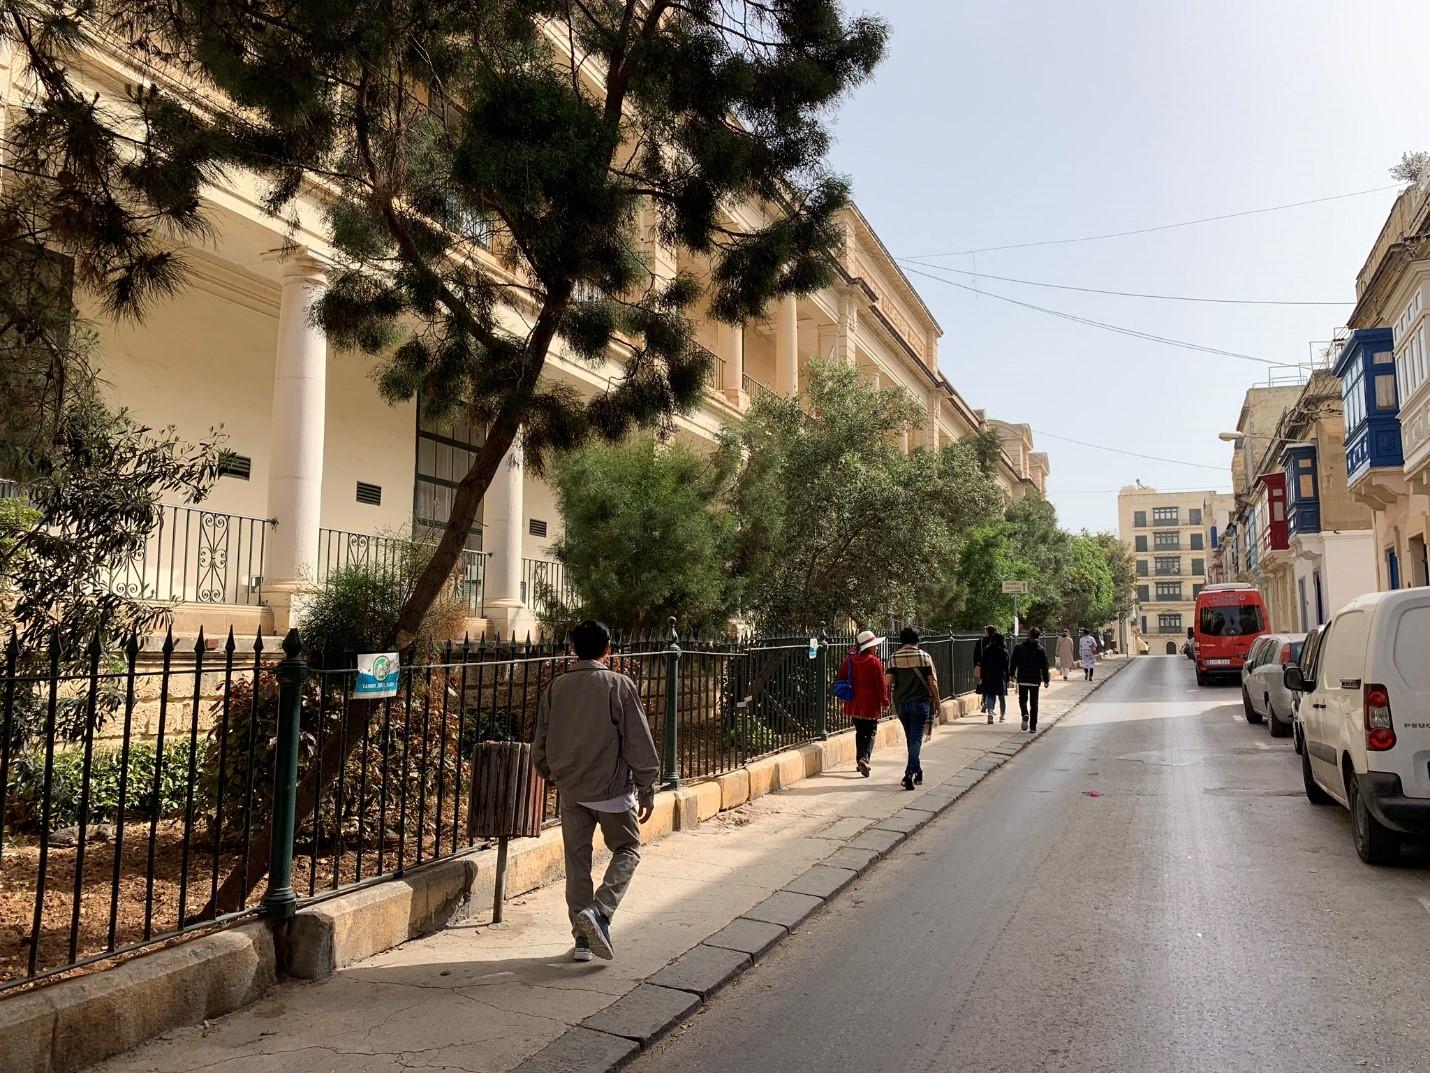 Đường phố Malta sạch đẹp và bình yên – Hình trong chuyến khảo sát của NVS